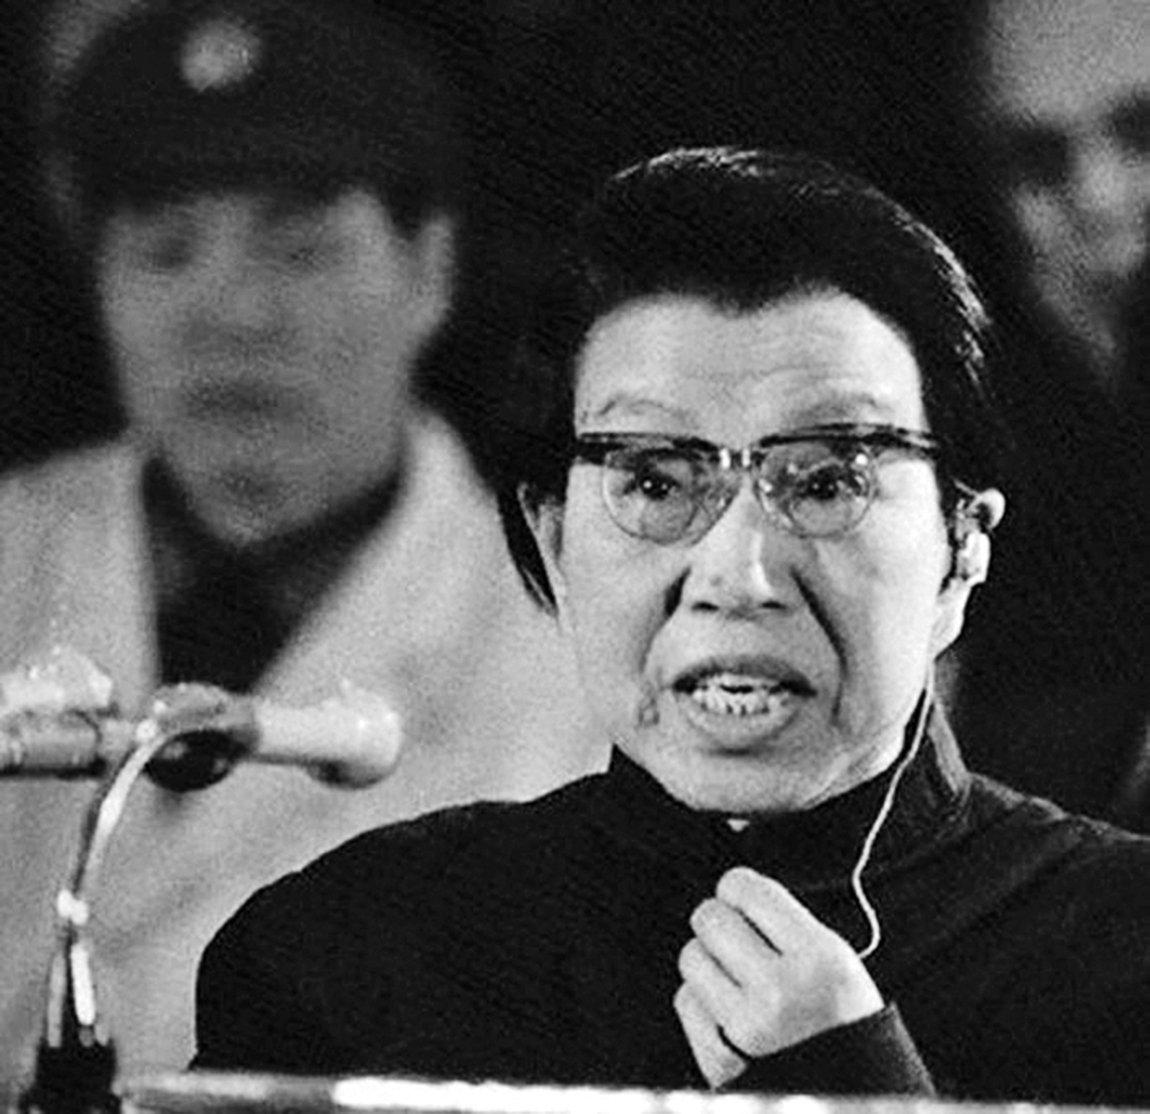 江青為了抹去自己不想讓人知曉的歷史,利用中共系統,不惜一切代價戕害他人,甚至包括曾經的恩人。(網絡圖片)